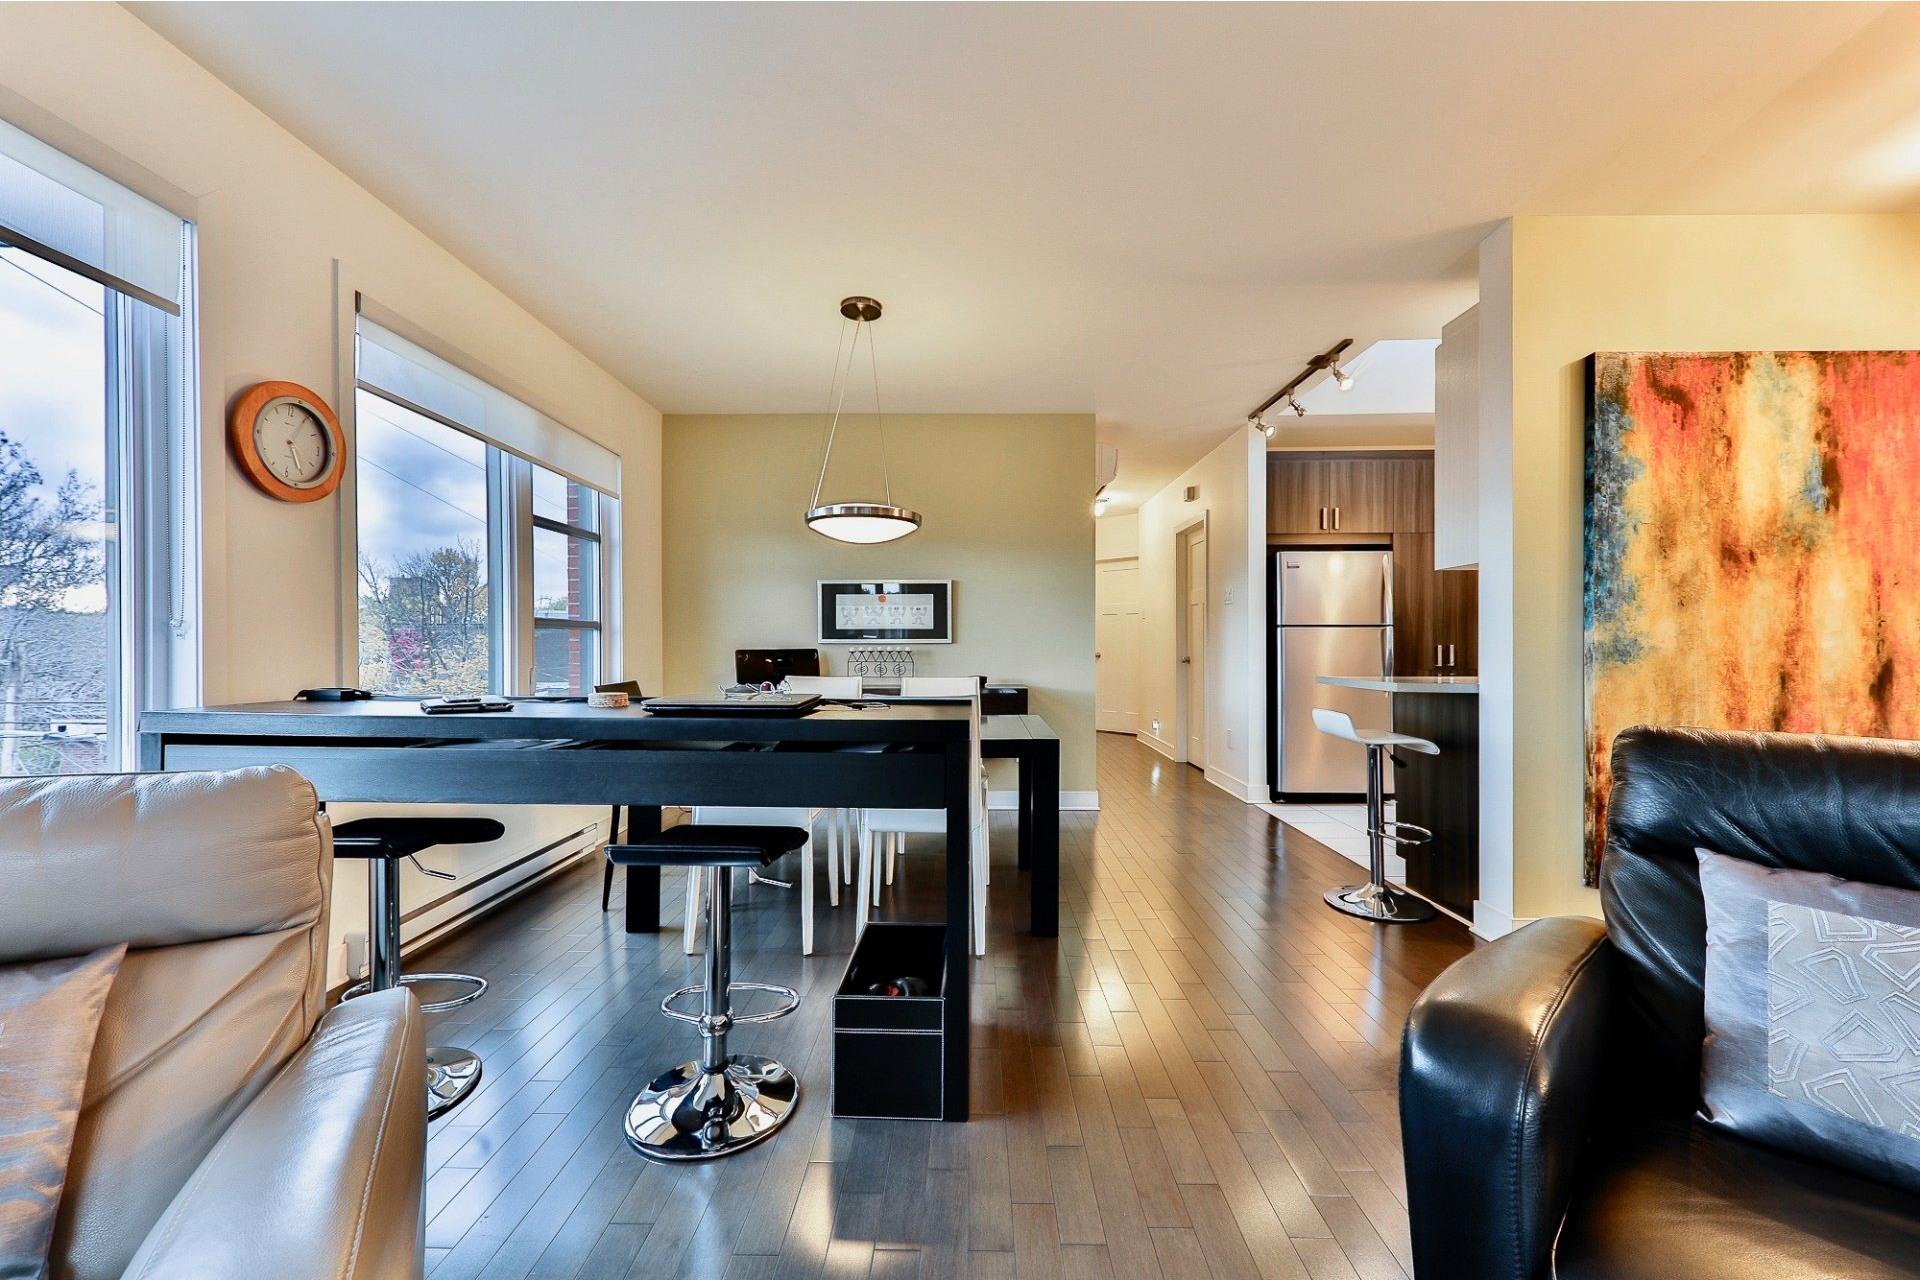 image 9 - Appartement À vendre Ville-Marie Montréal  - 6 pièces